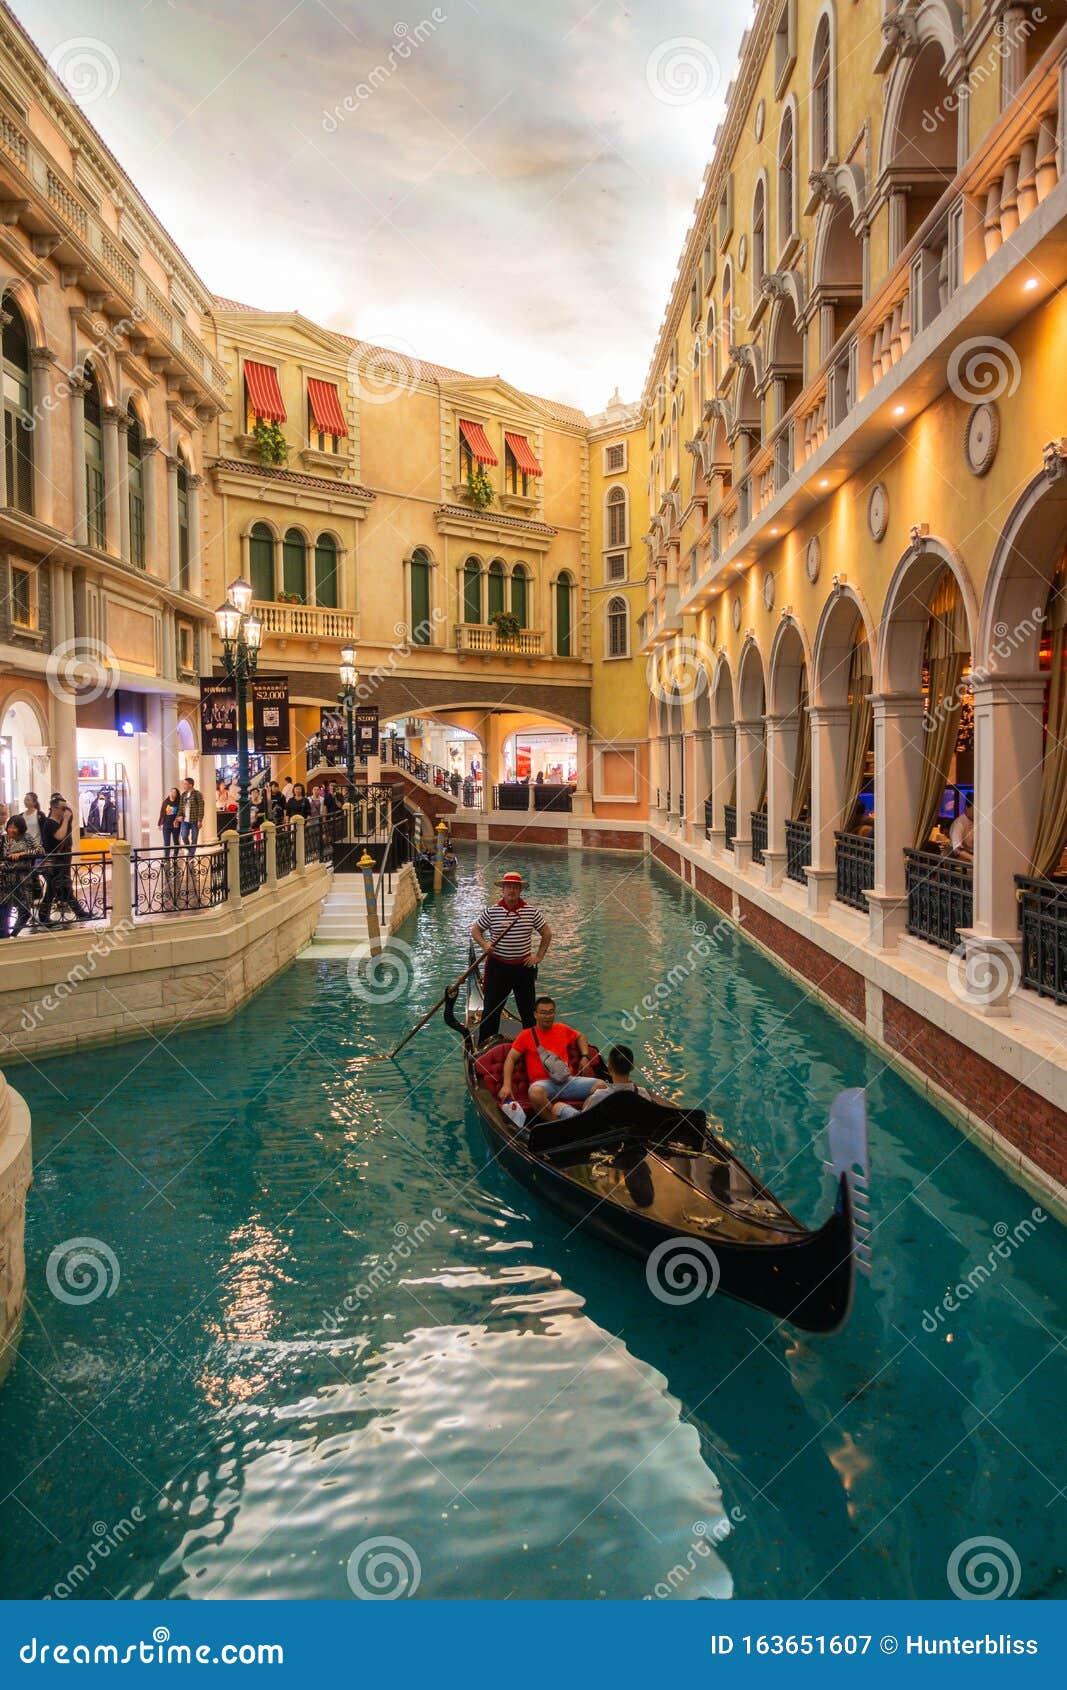 Hotel In Macau With Casino